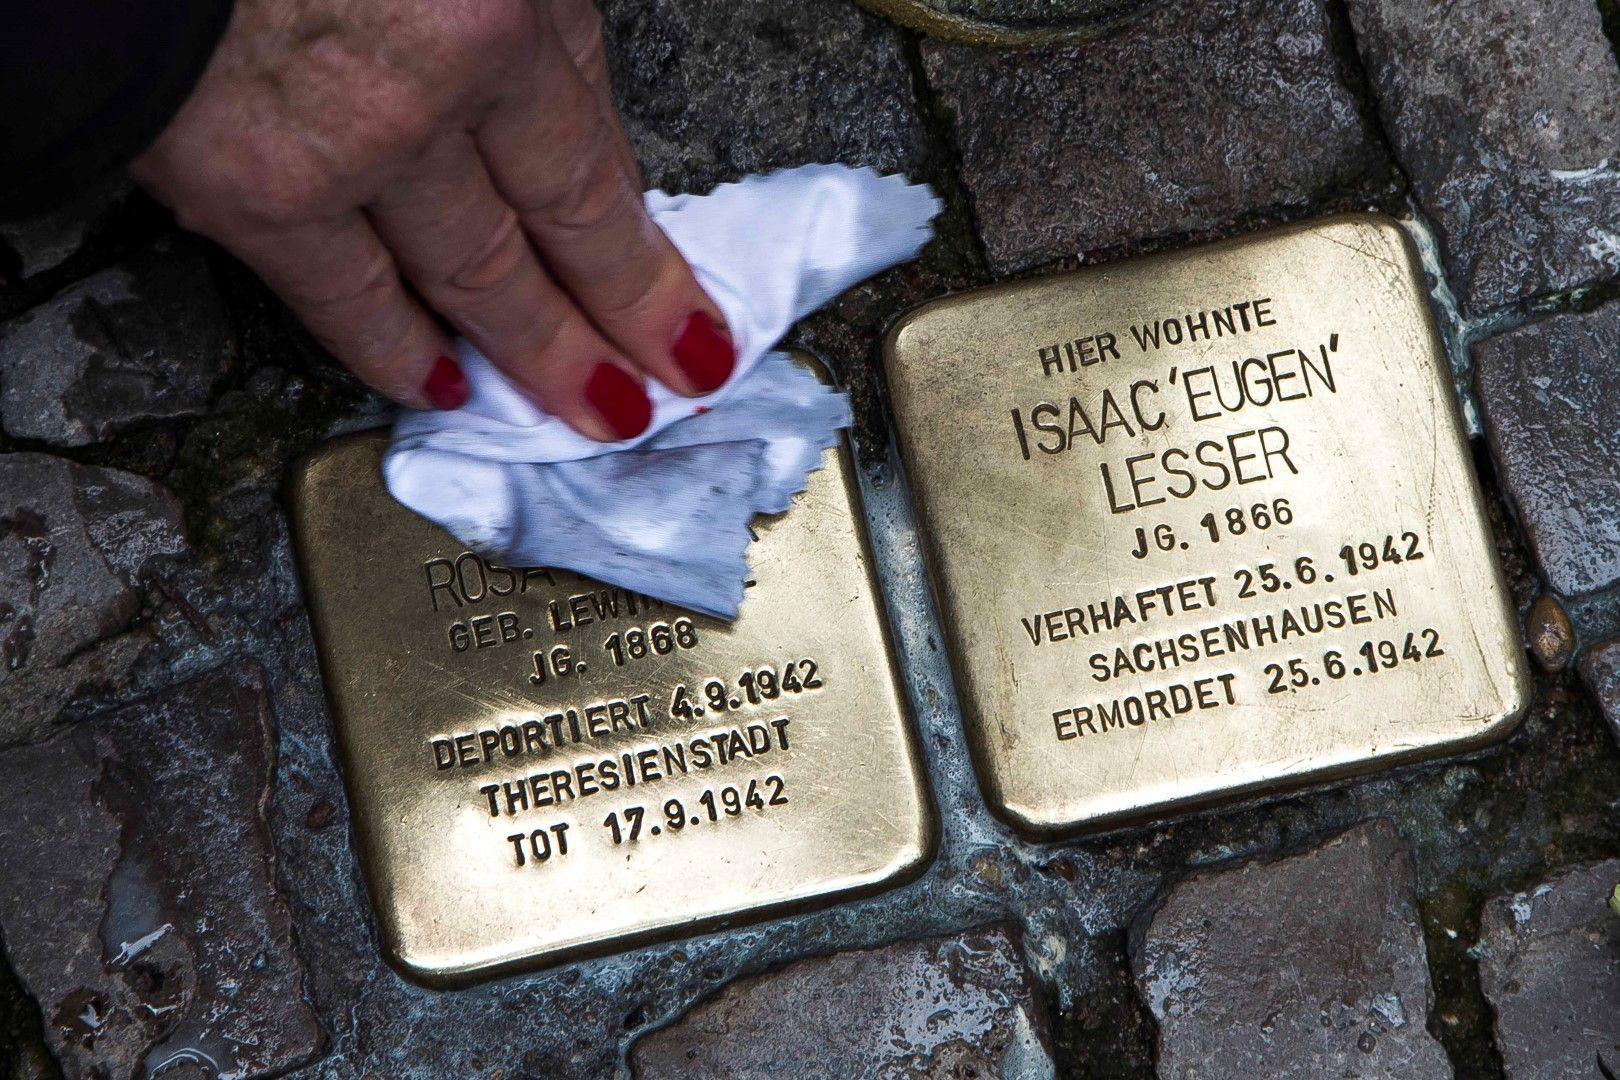 Паметни знаци за Якоб и Бели Бергофен пред дома им в Берлин. Подобни знаци се поставят на улицата, за да напомнят на днешните поколения за събитията в Кристалната нощ